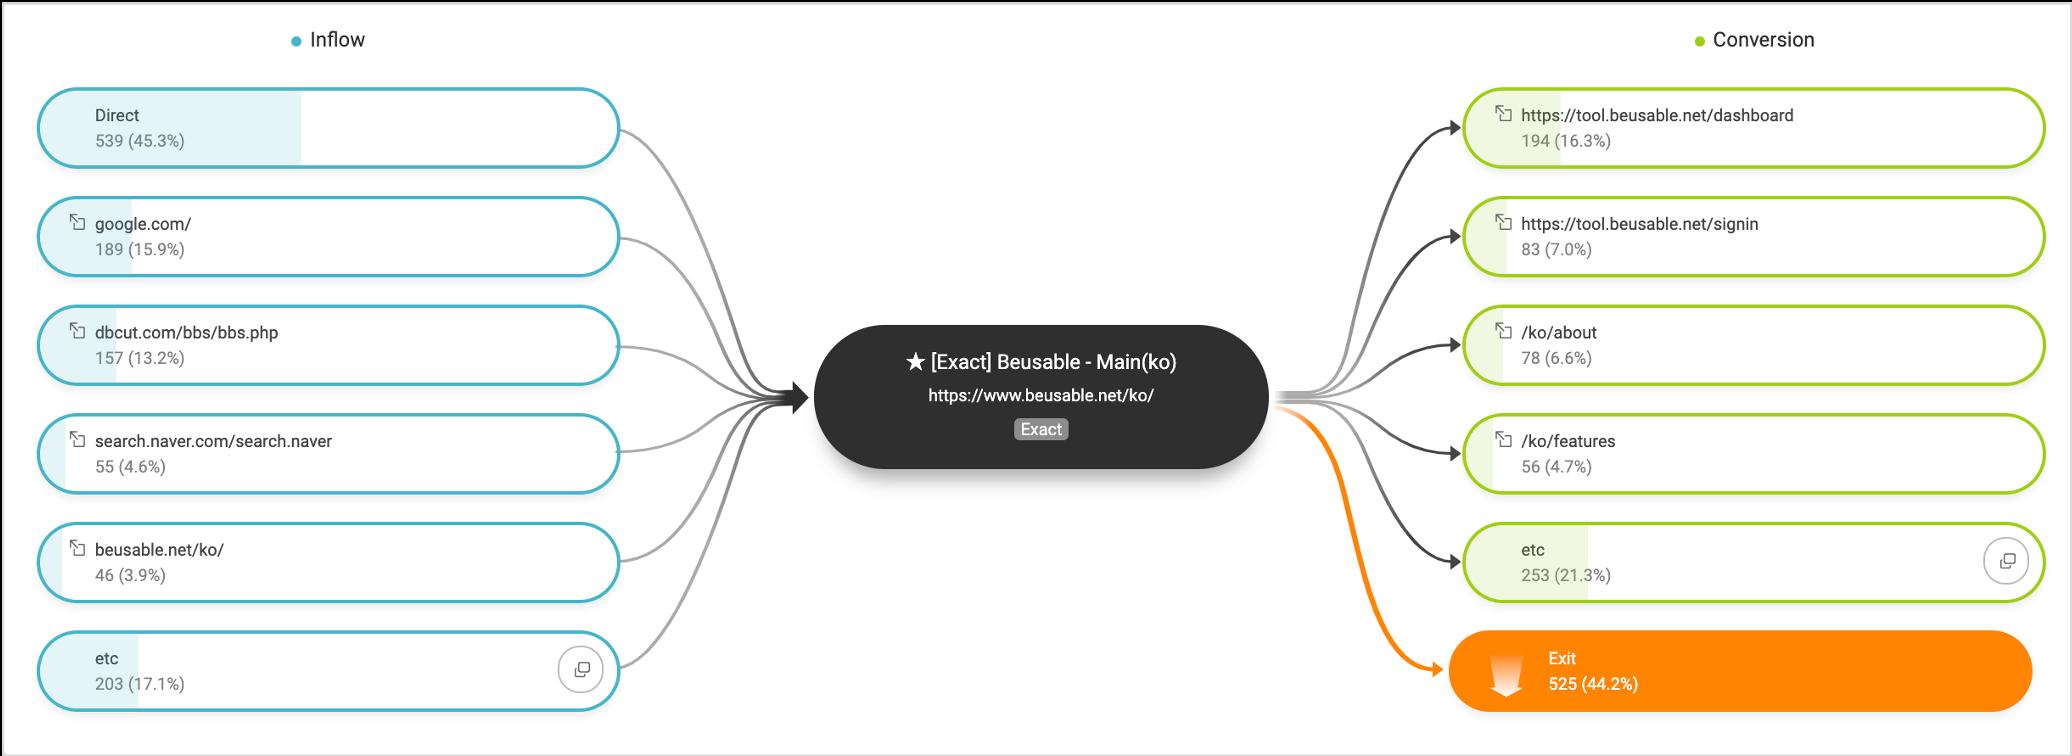 뷰저블의 Analytics 메뉴에서는 유입경로(Inflow)와 이동경로(Conversion)을 확인할 수 있습니다.